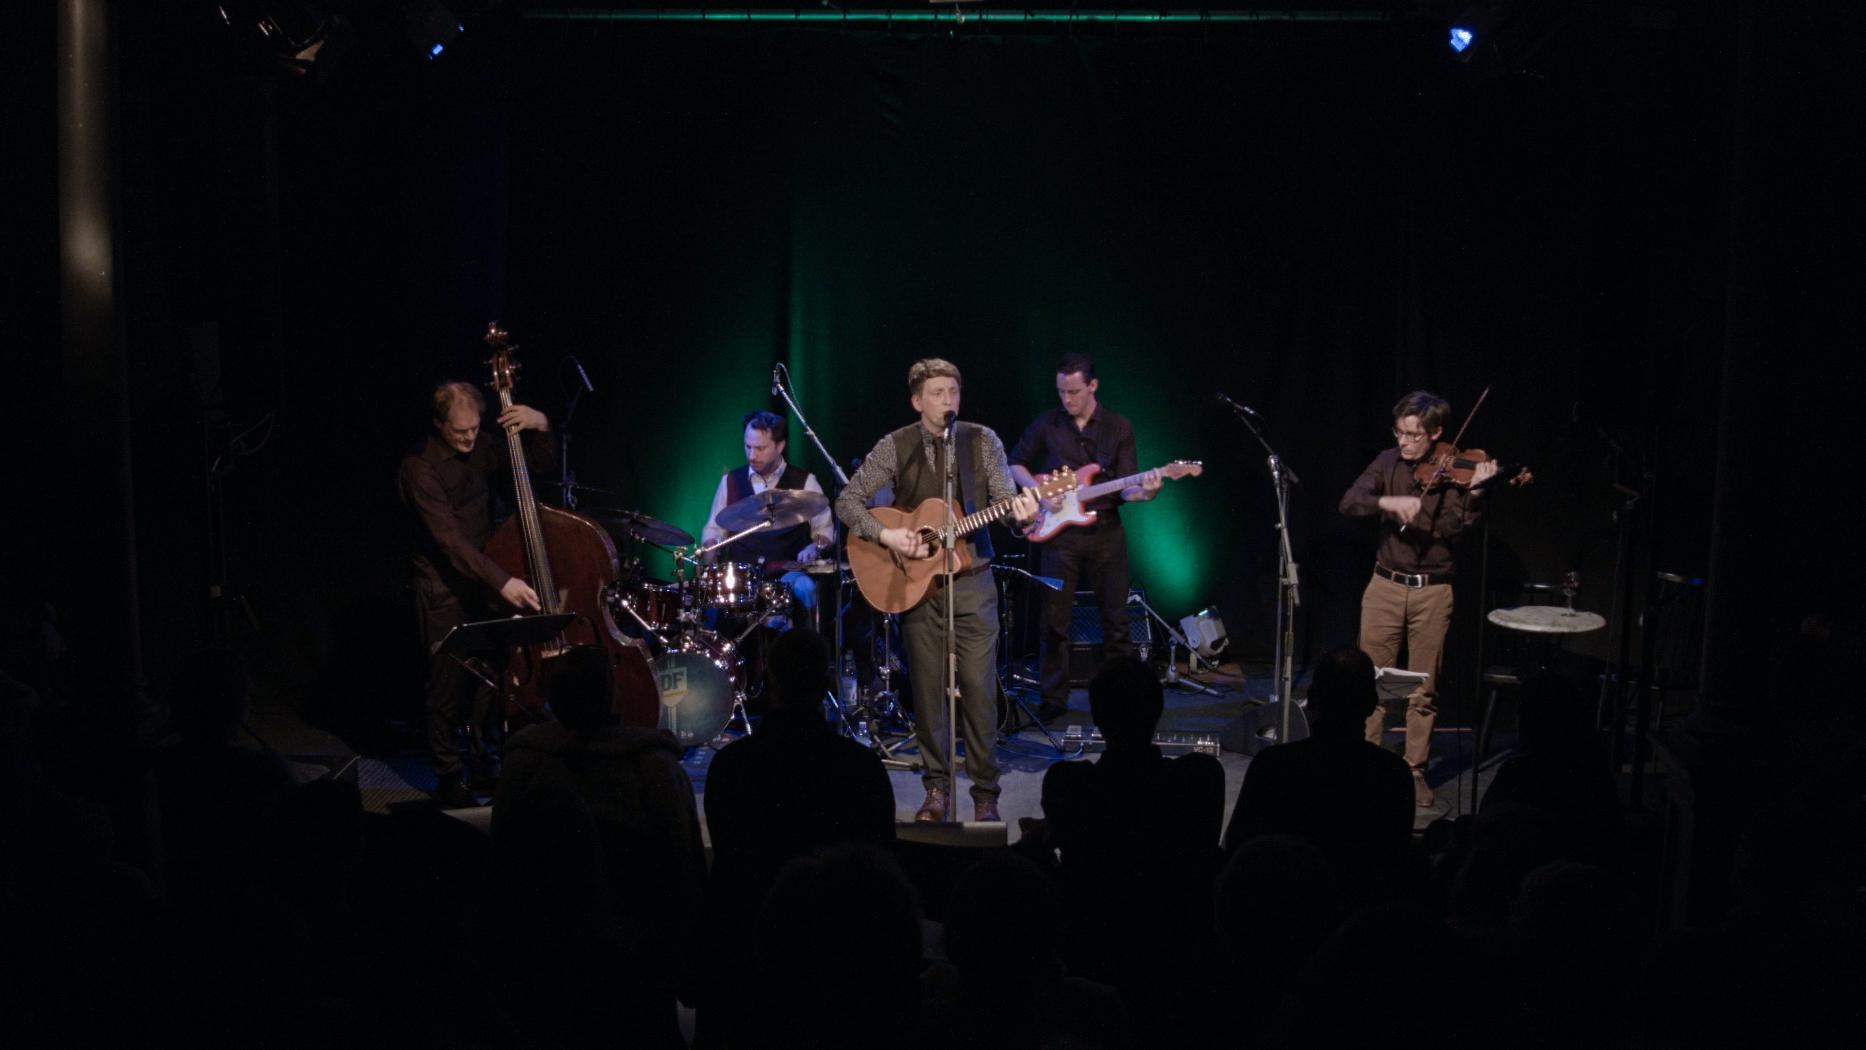 Liedermacher und Songwriter Ulrich Zehfuß mit seiner Band die Feine Gesellschaft (Martin Simon, Daniel Fleischmann, Helmut Scholz und Mathis Münchbach)